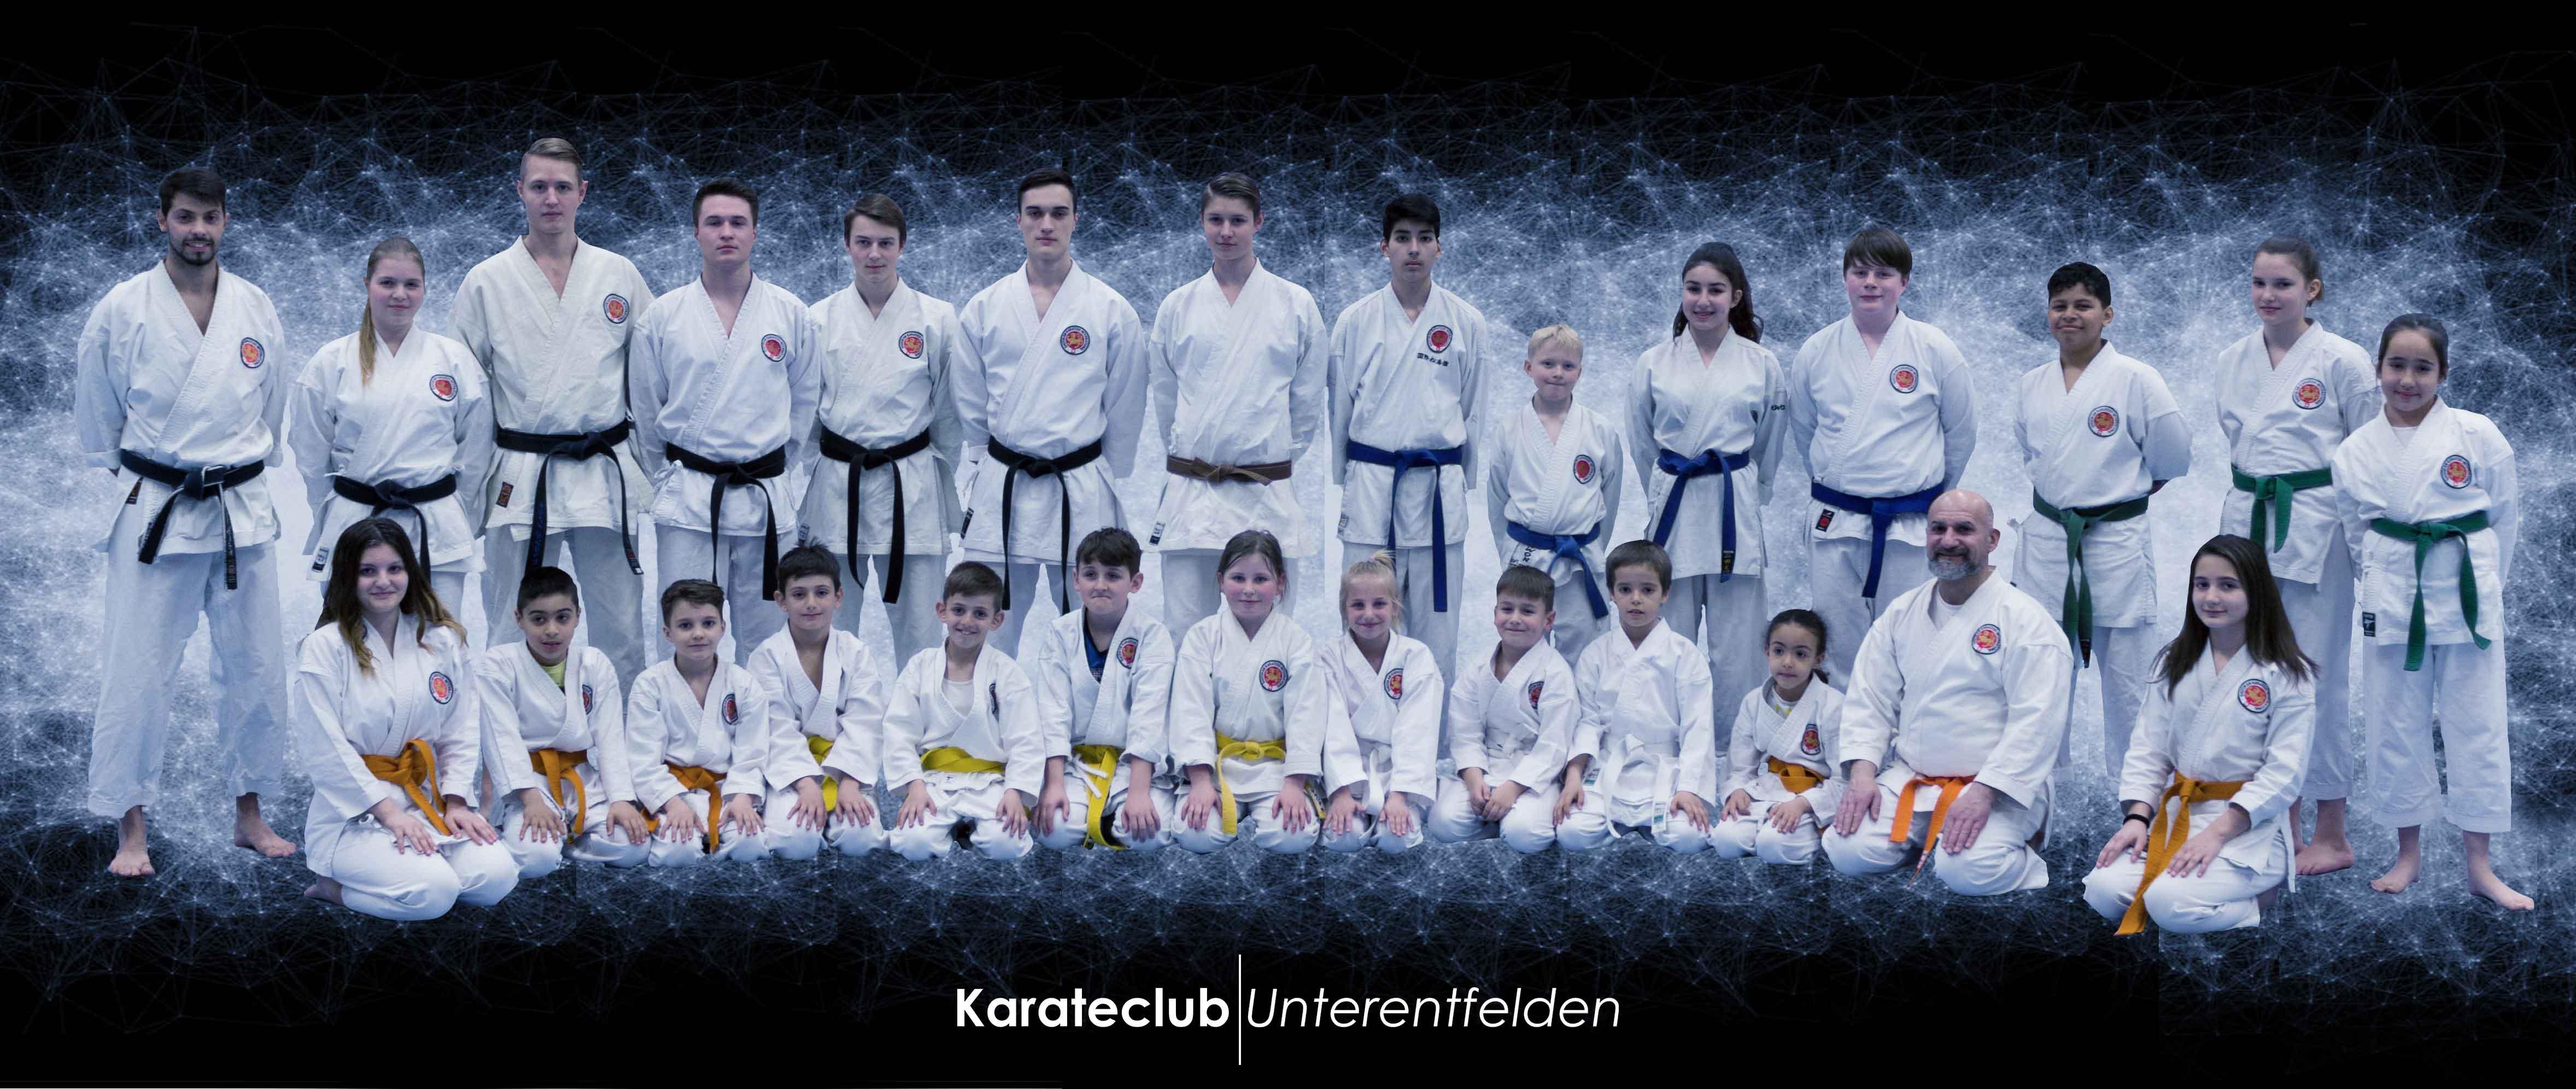 Wilkommen beim Karateclub Unterentfelden